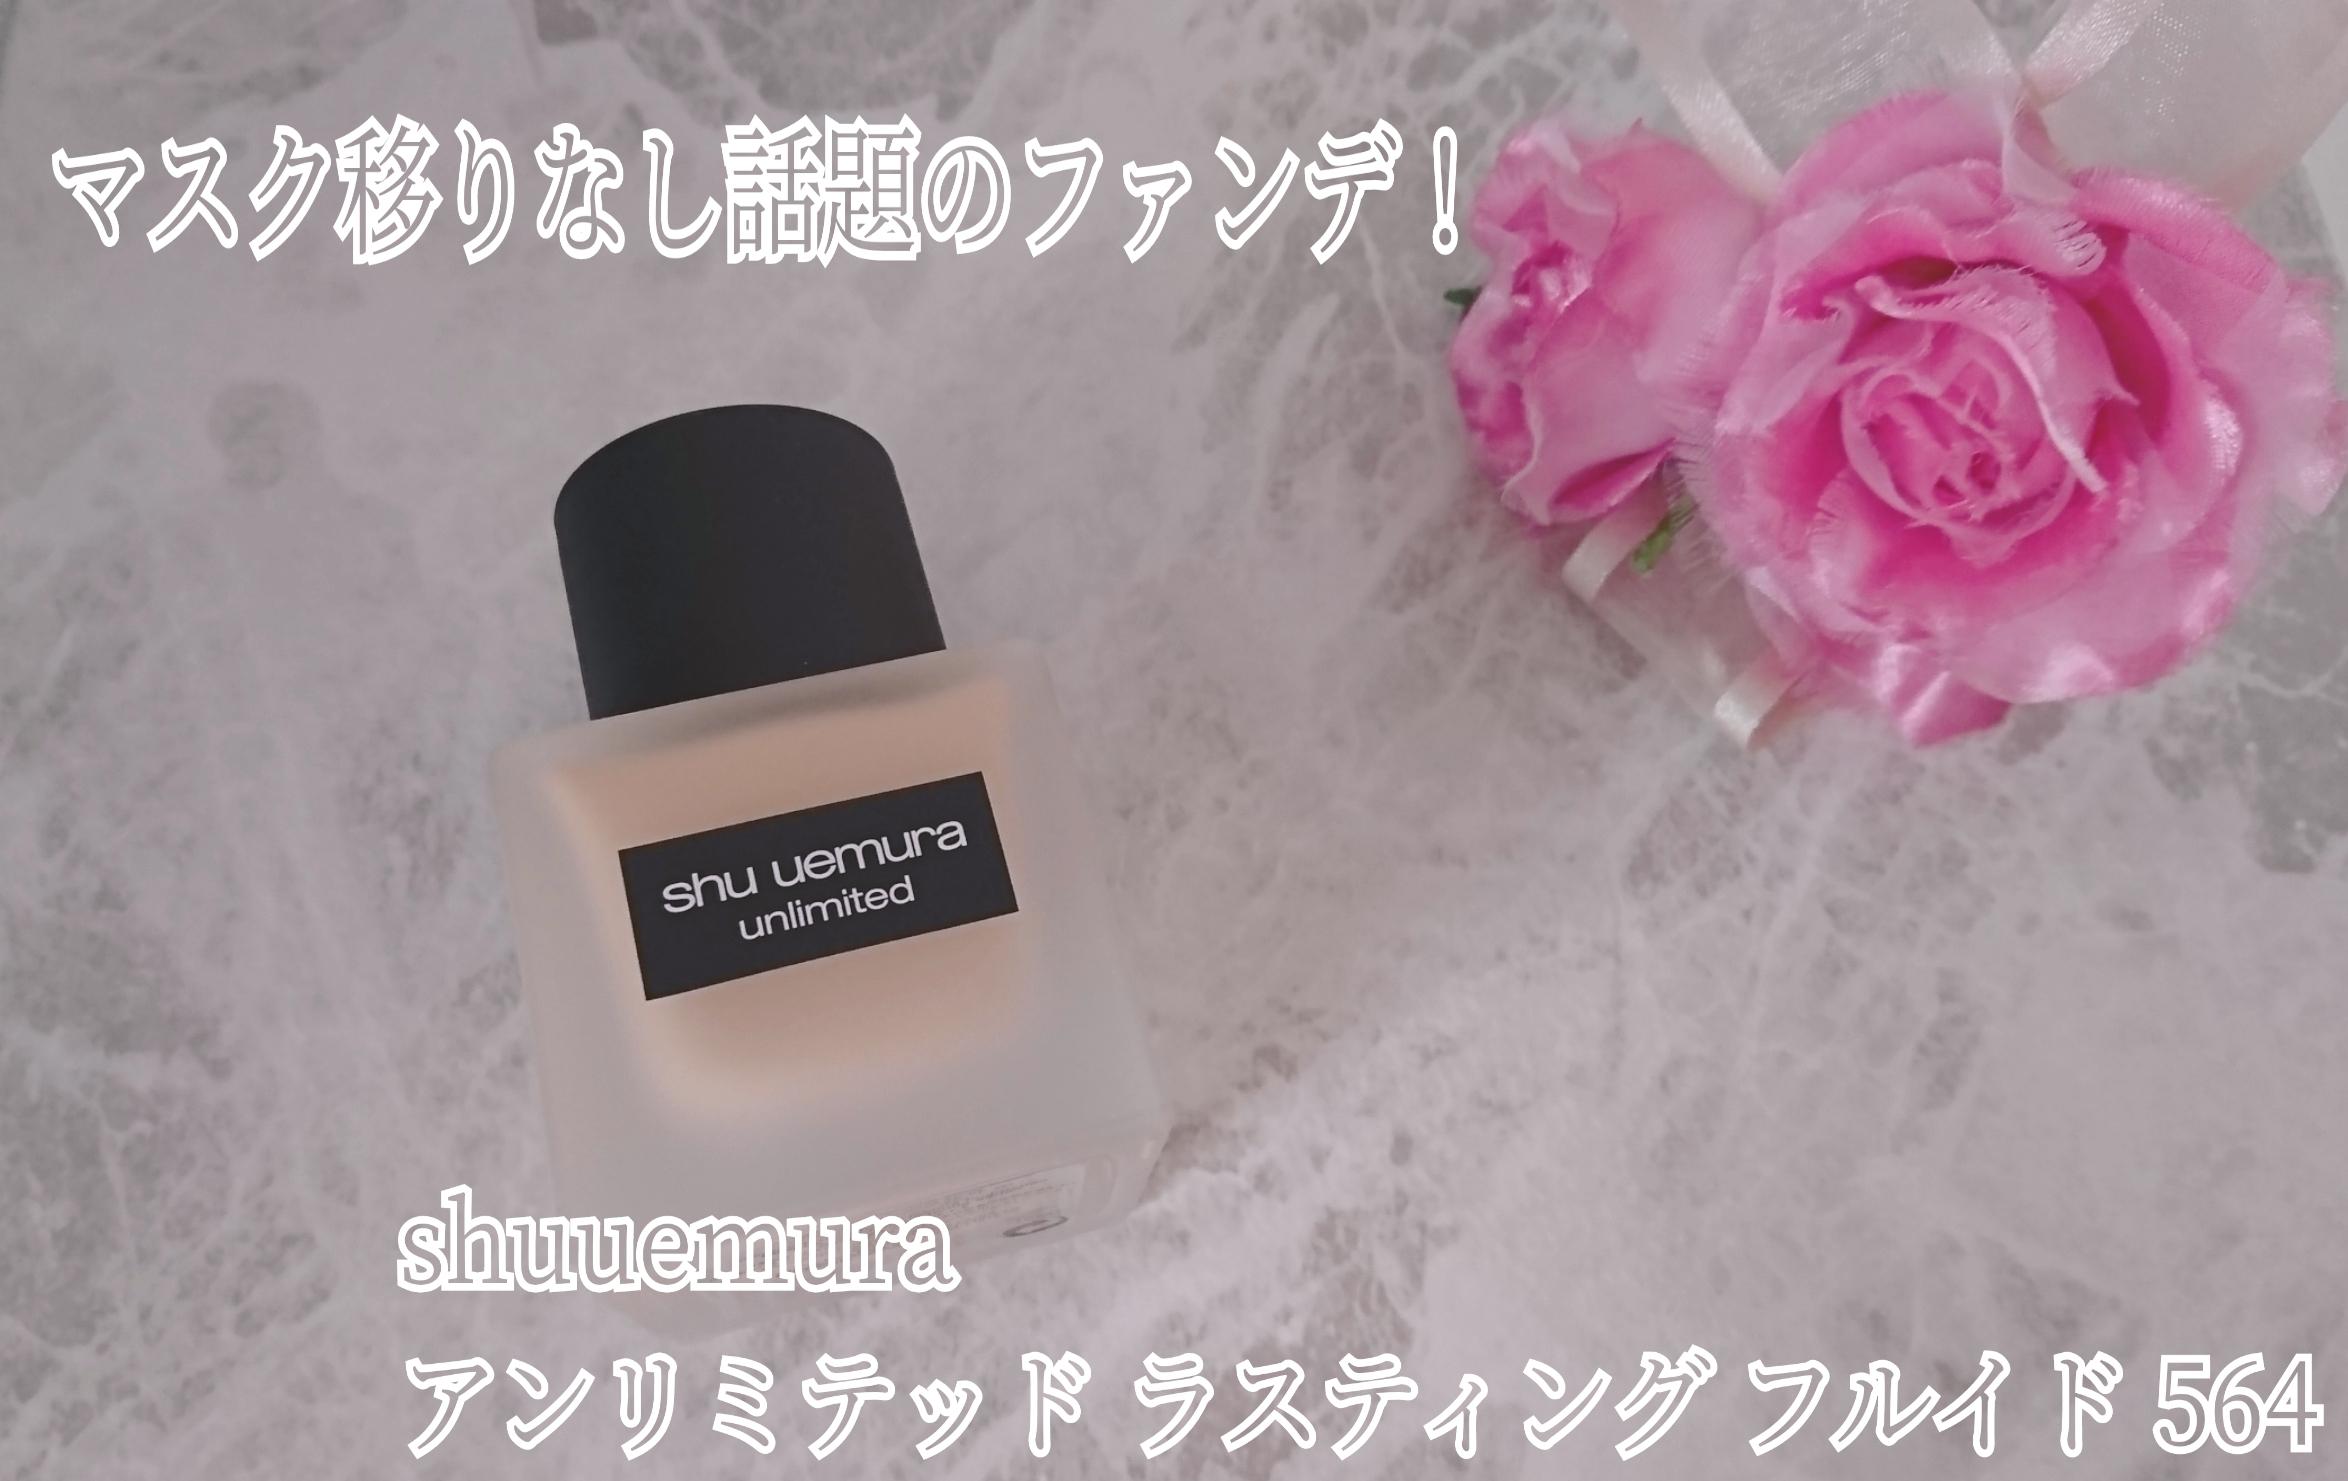 shu uemura(シュウ ウエムラ) アンリミテッド ラスティング フルイドの良い点・メリットに関するYuKaRi♡さんの口コミ画像1